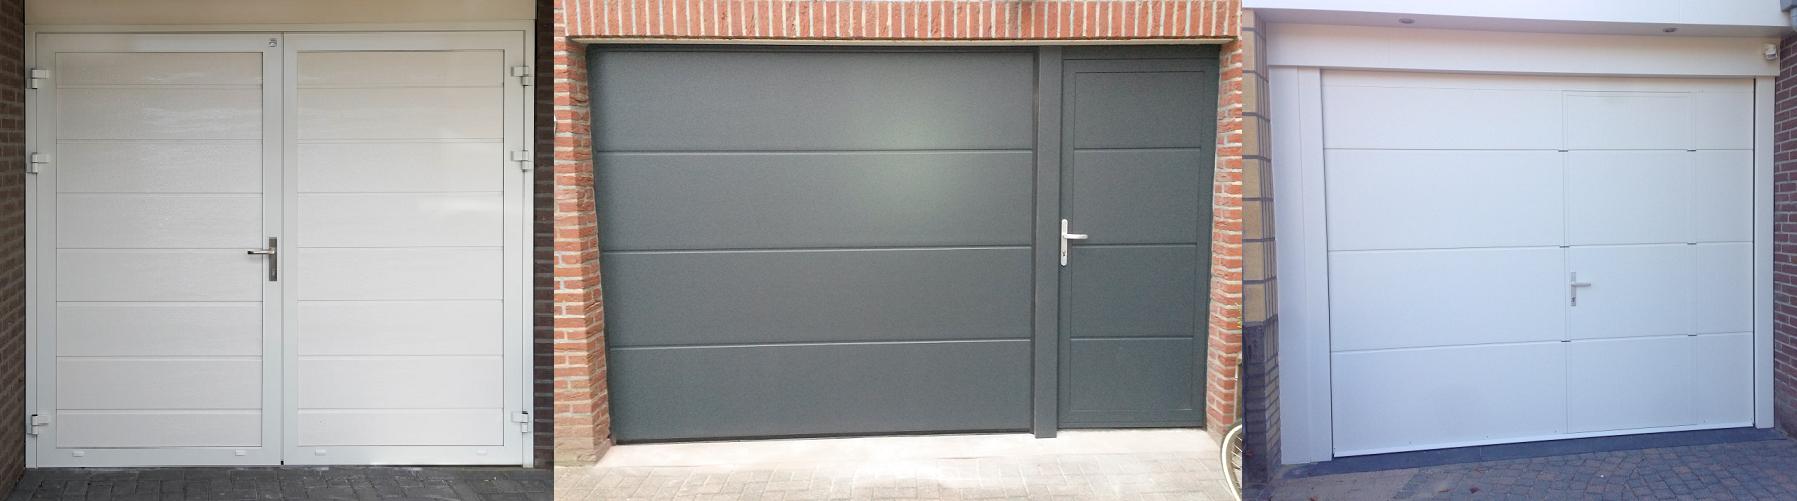 Magnifiek Uw specialist in bedrijfs- en garagedeuren – Different Doors #IK67